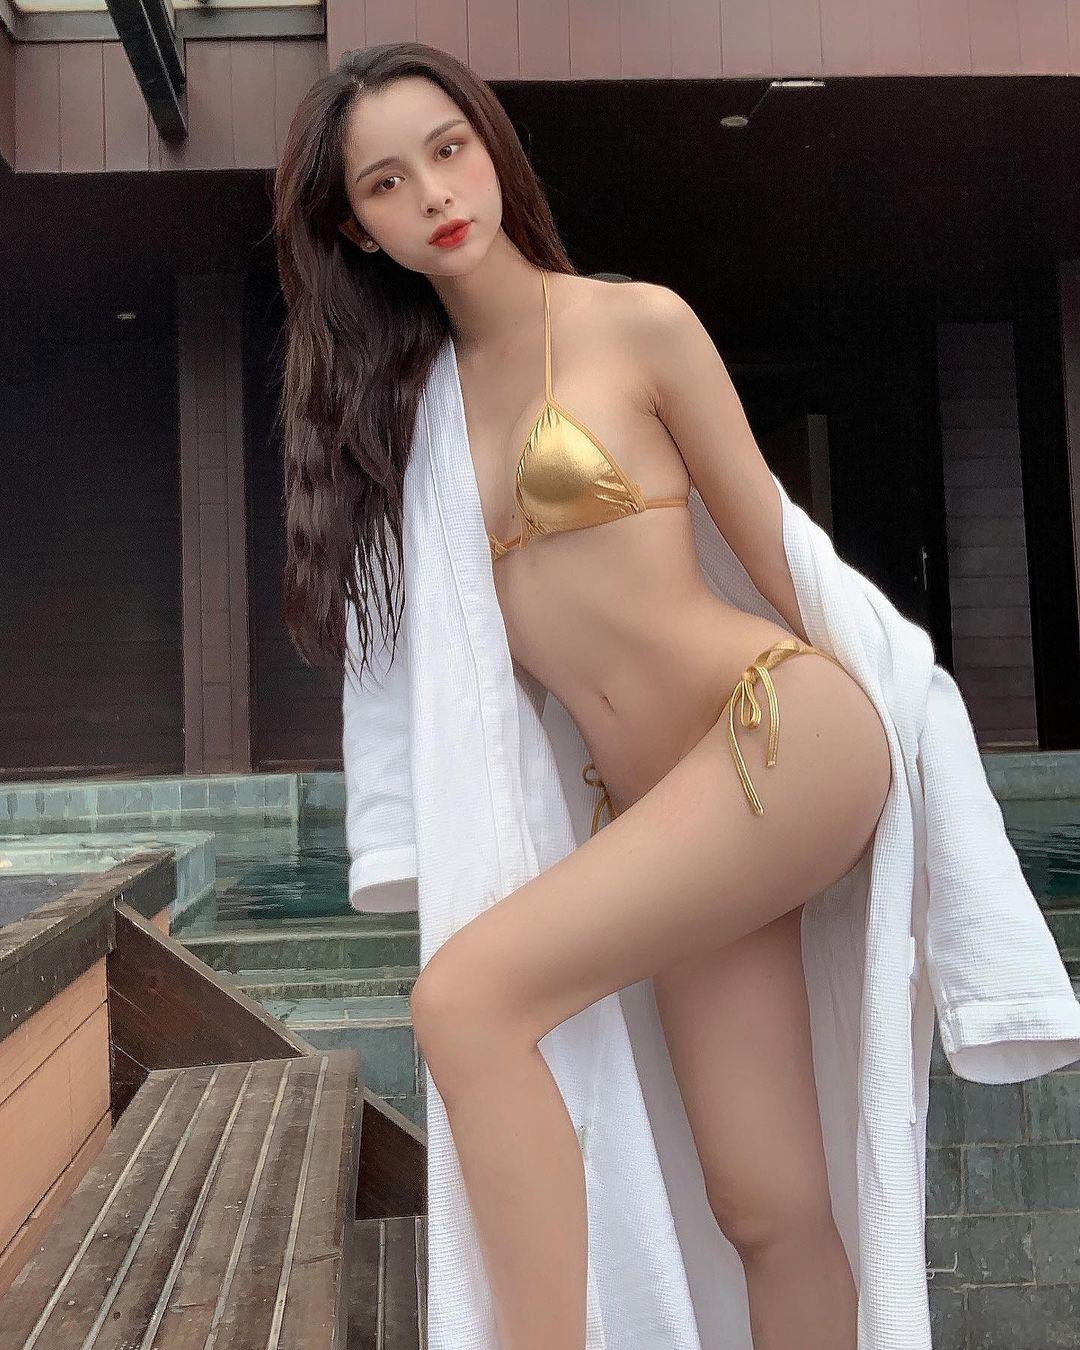 Có 1 kiểu bikini chỉ bé bằng 2 bàn tay của em đây em múa cho mẹ xem nhưng từ netizen tới sao Việt đều diện - Ảnh 1.